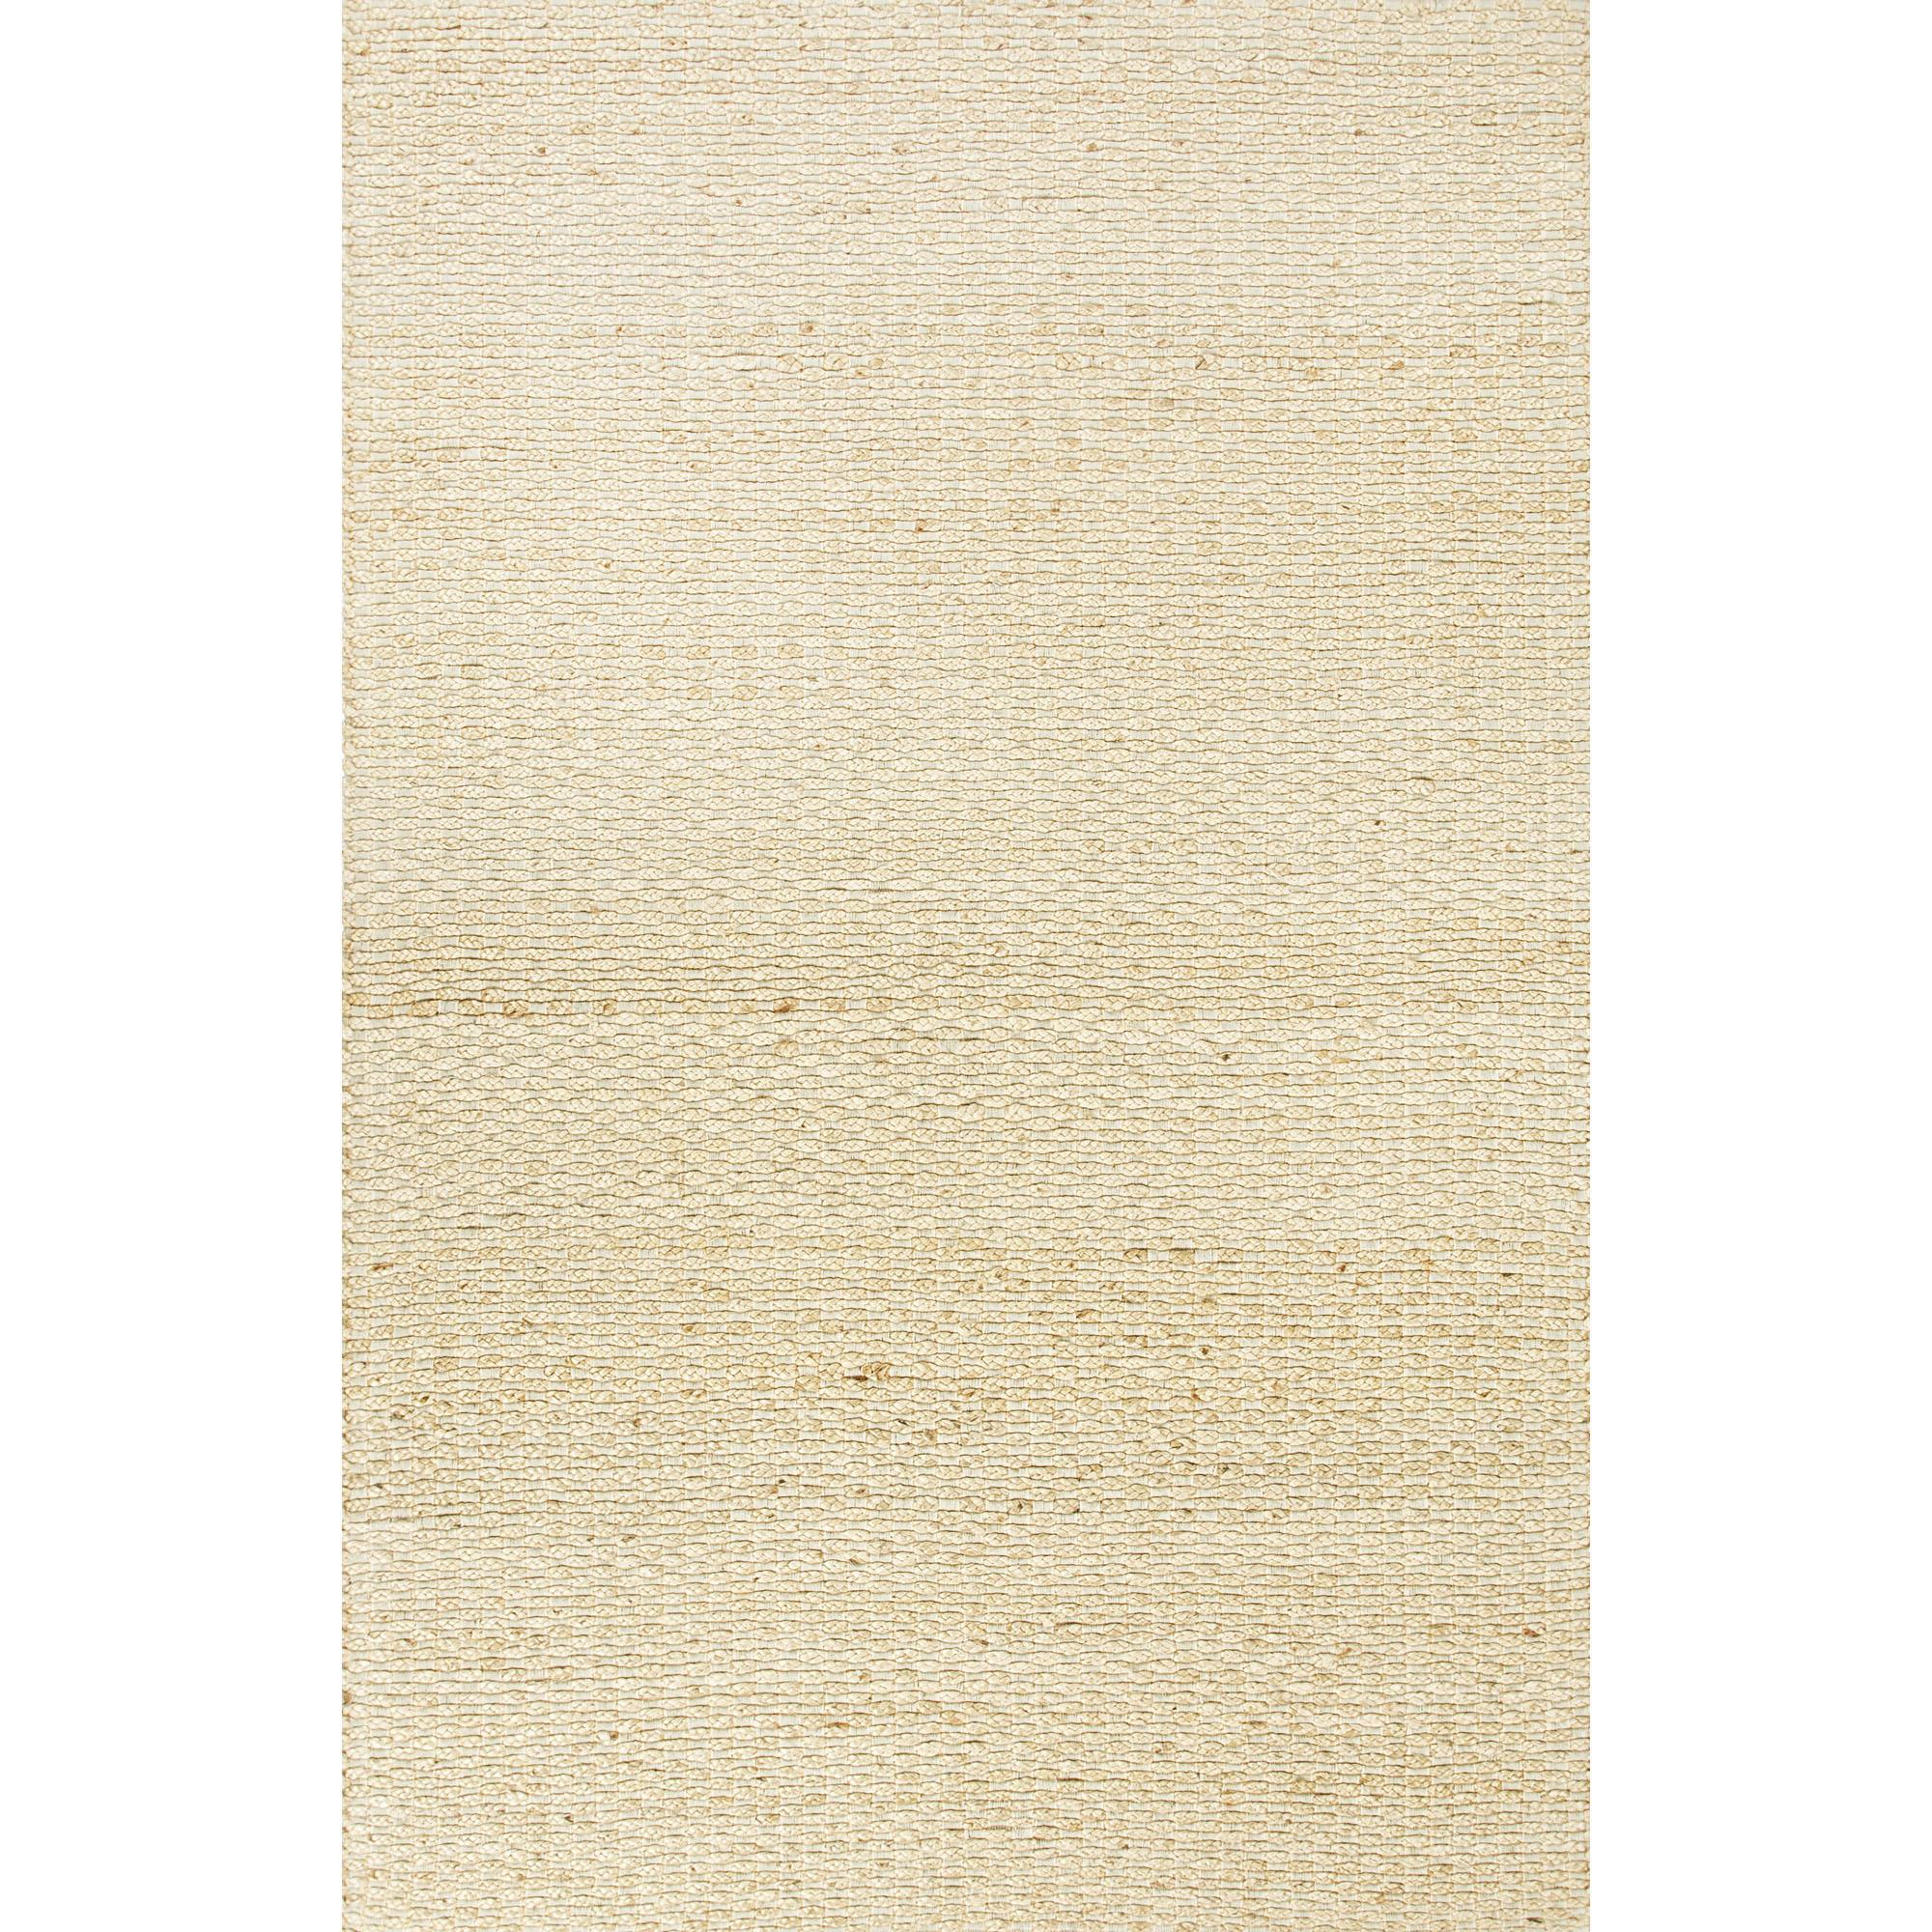 JAIPUR Rugs Andes 2.6 x 4 Rug - Item Number: RUG100012